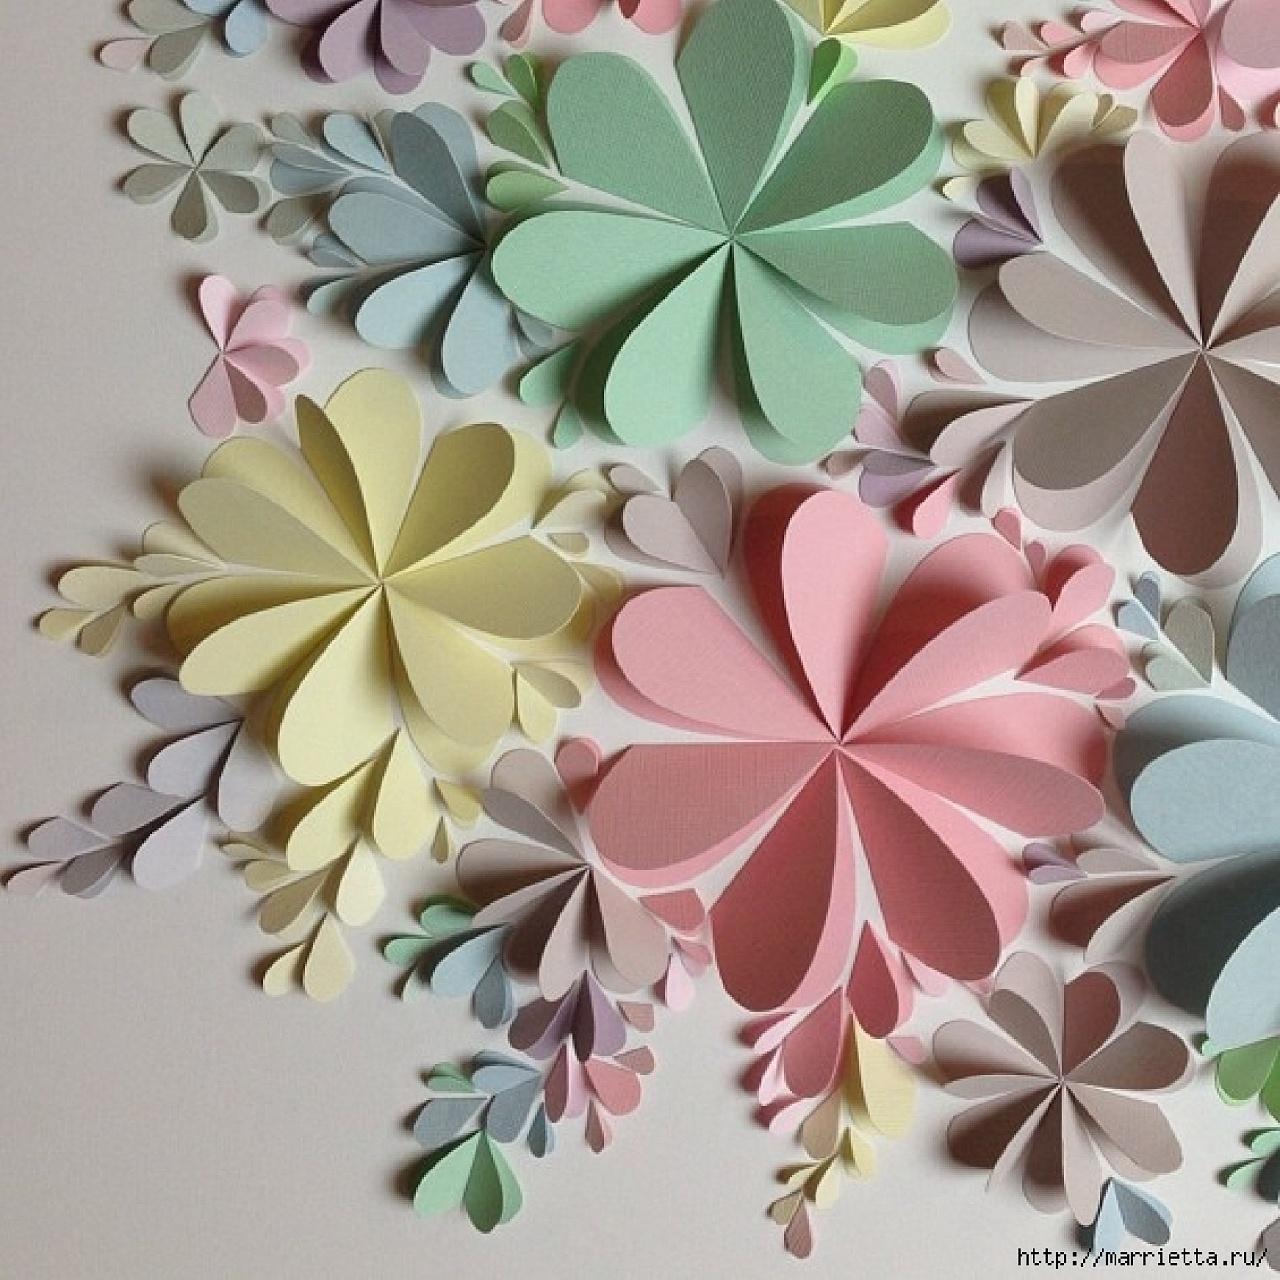 Цветы объемные из бумаги своими руками для открытки